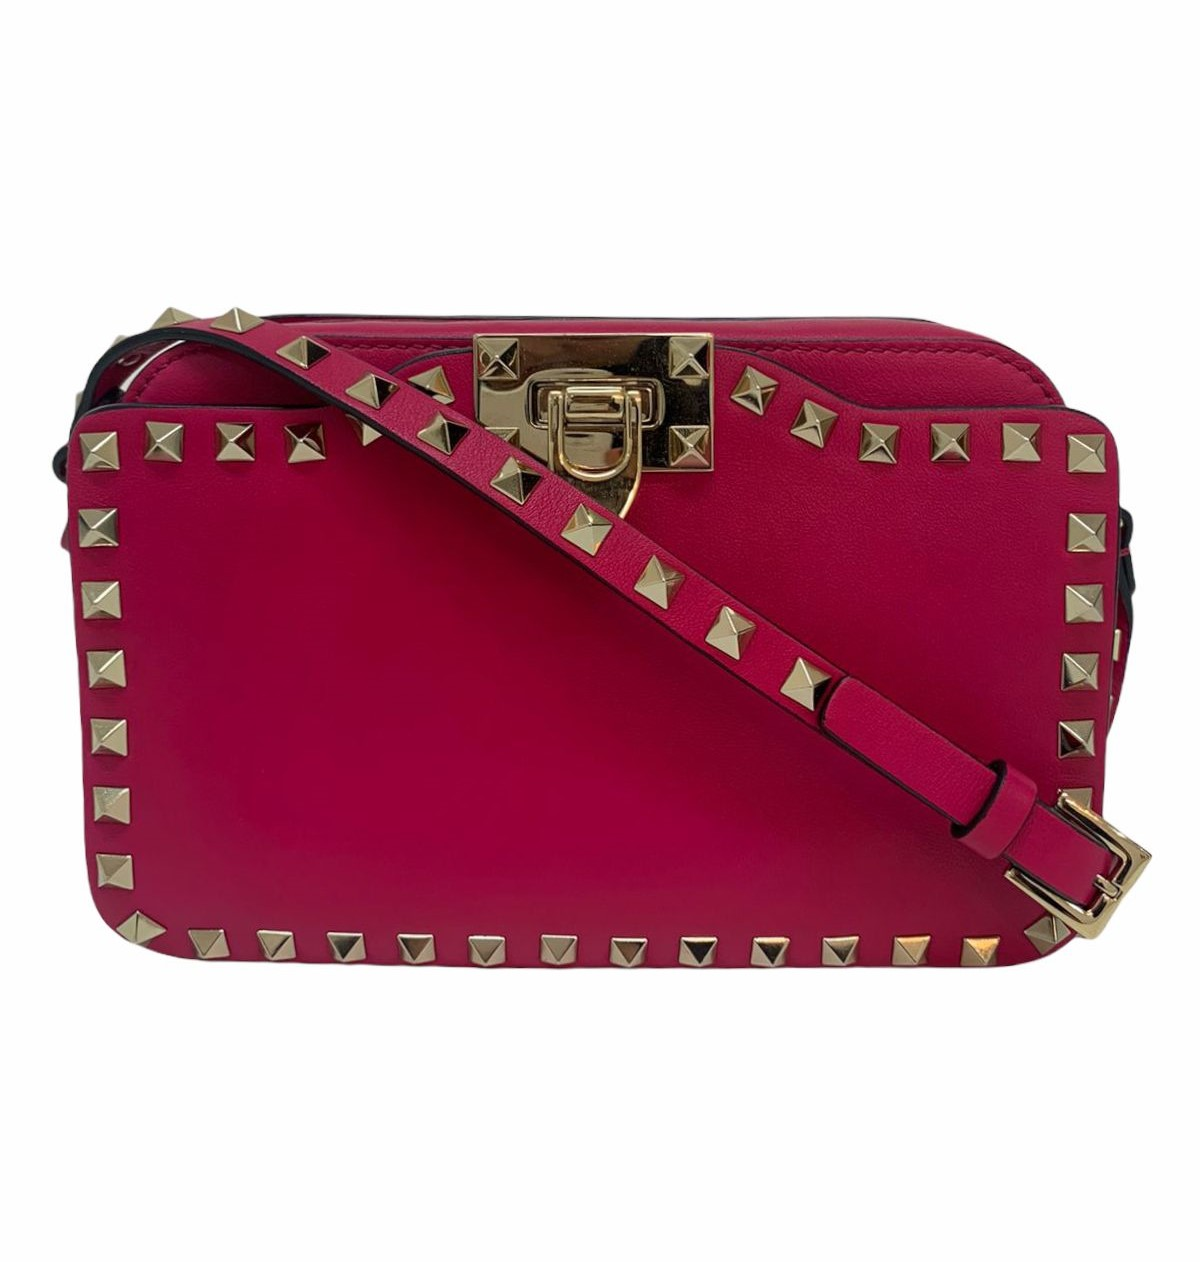 Bolsa Valentino Rockstud Crossbody Pink